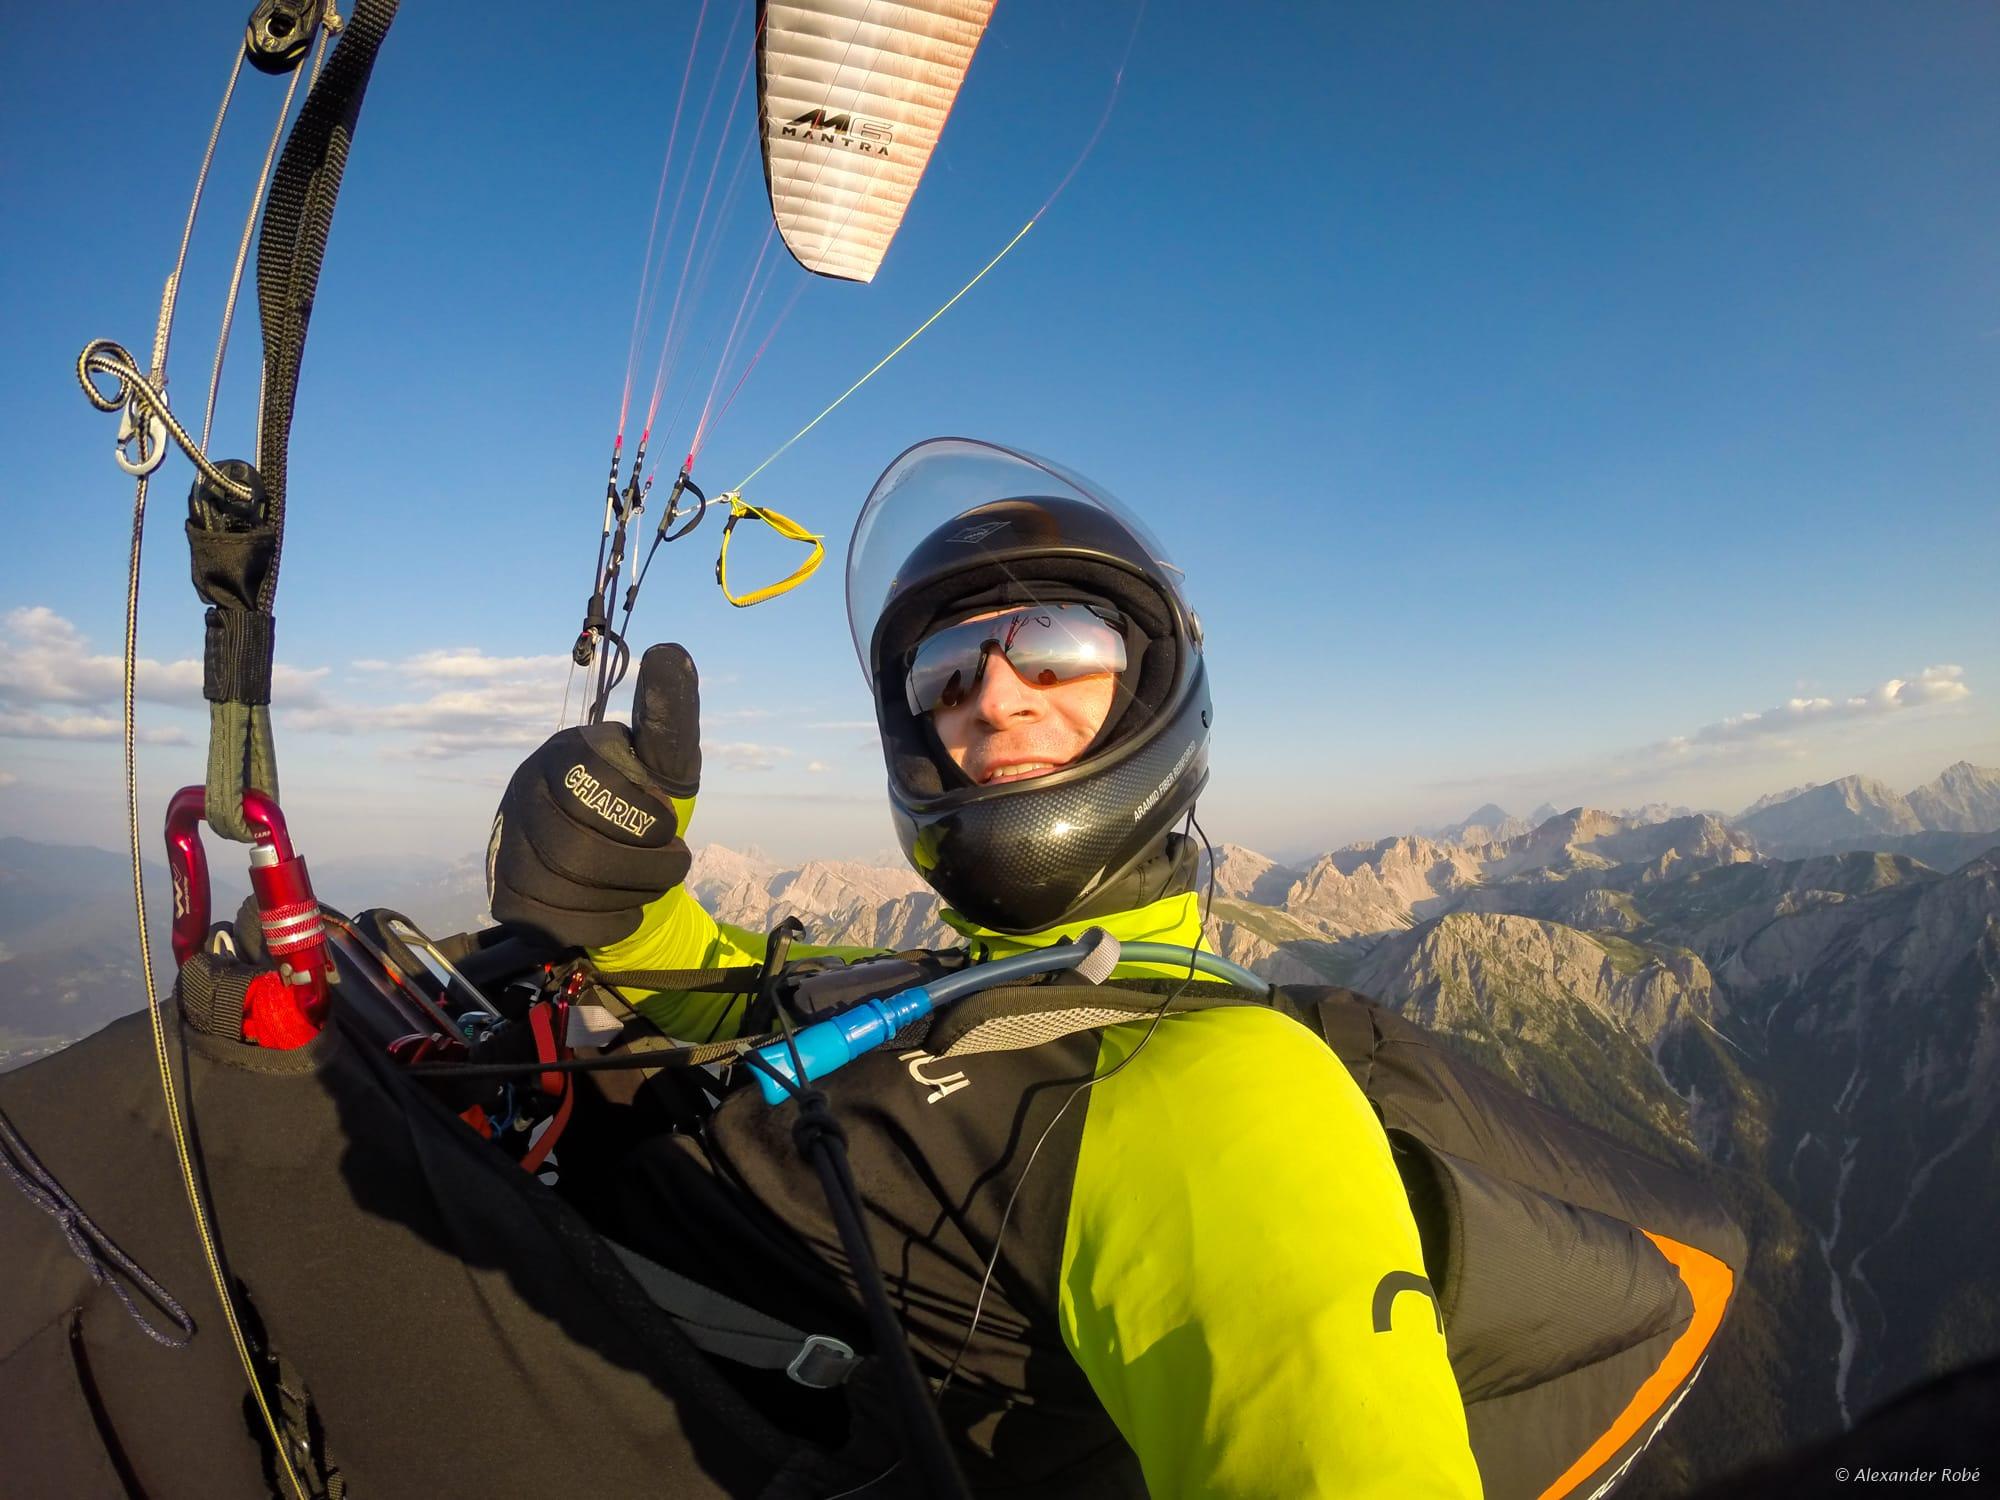 ergiebiger grente ausflug 535 fai km sichern f hrung in xc wm weiter ab paragliding homebase. Black Bedroom Furniture Sets. Home Design Ideas